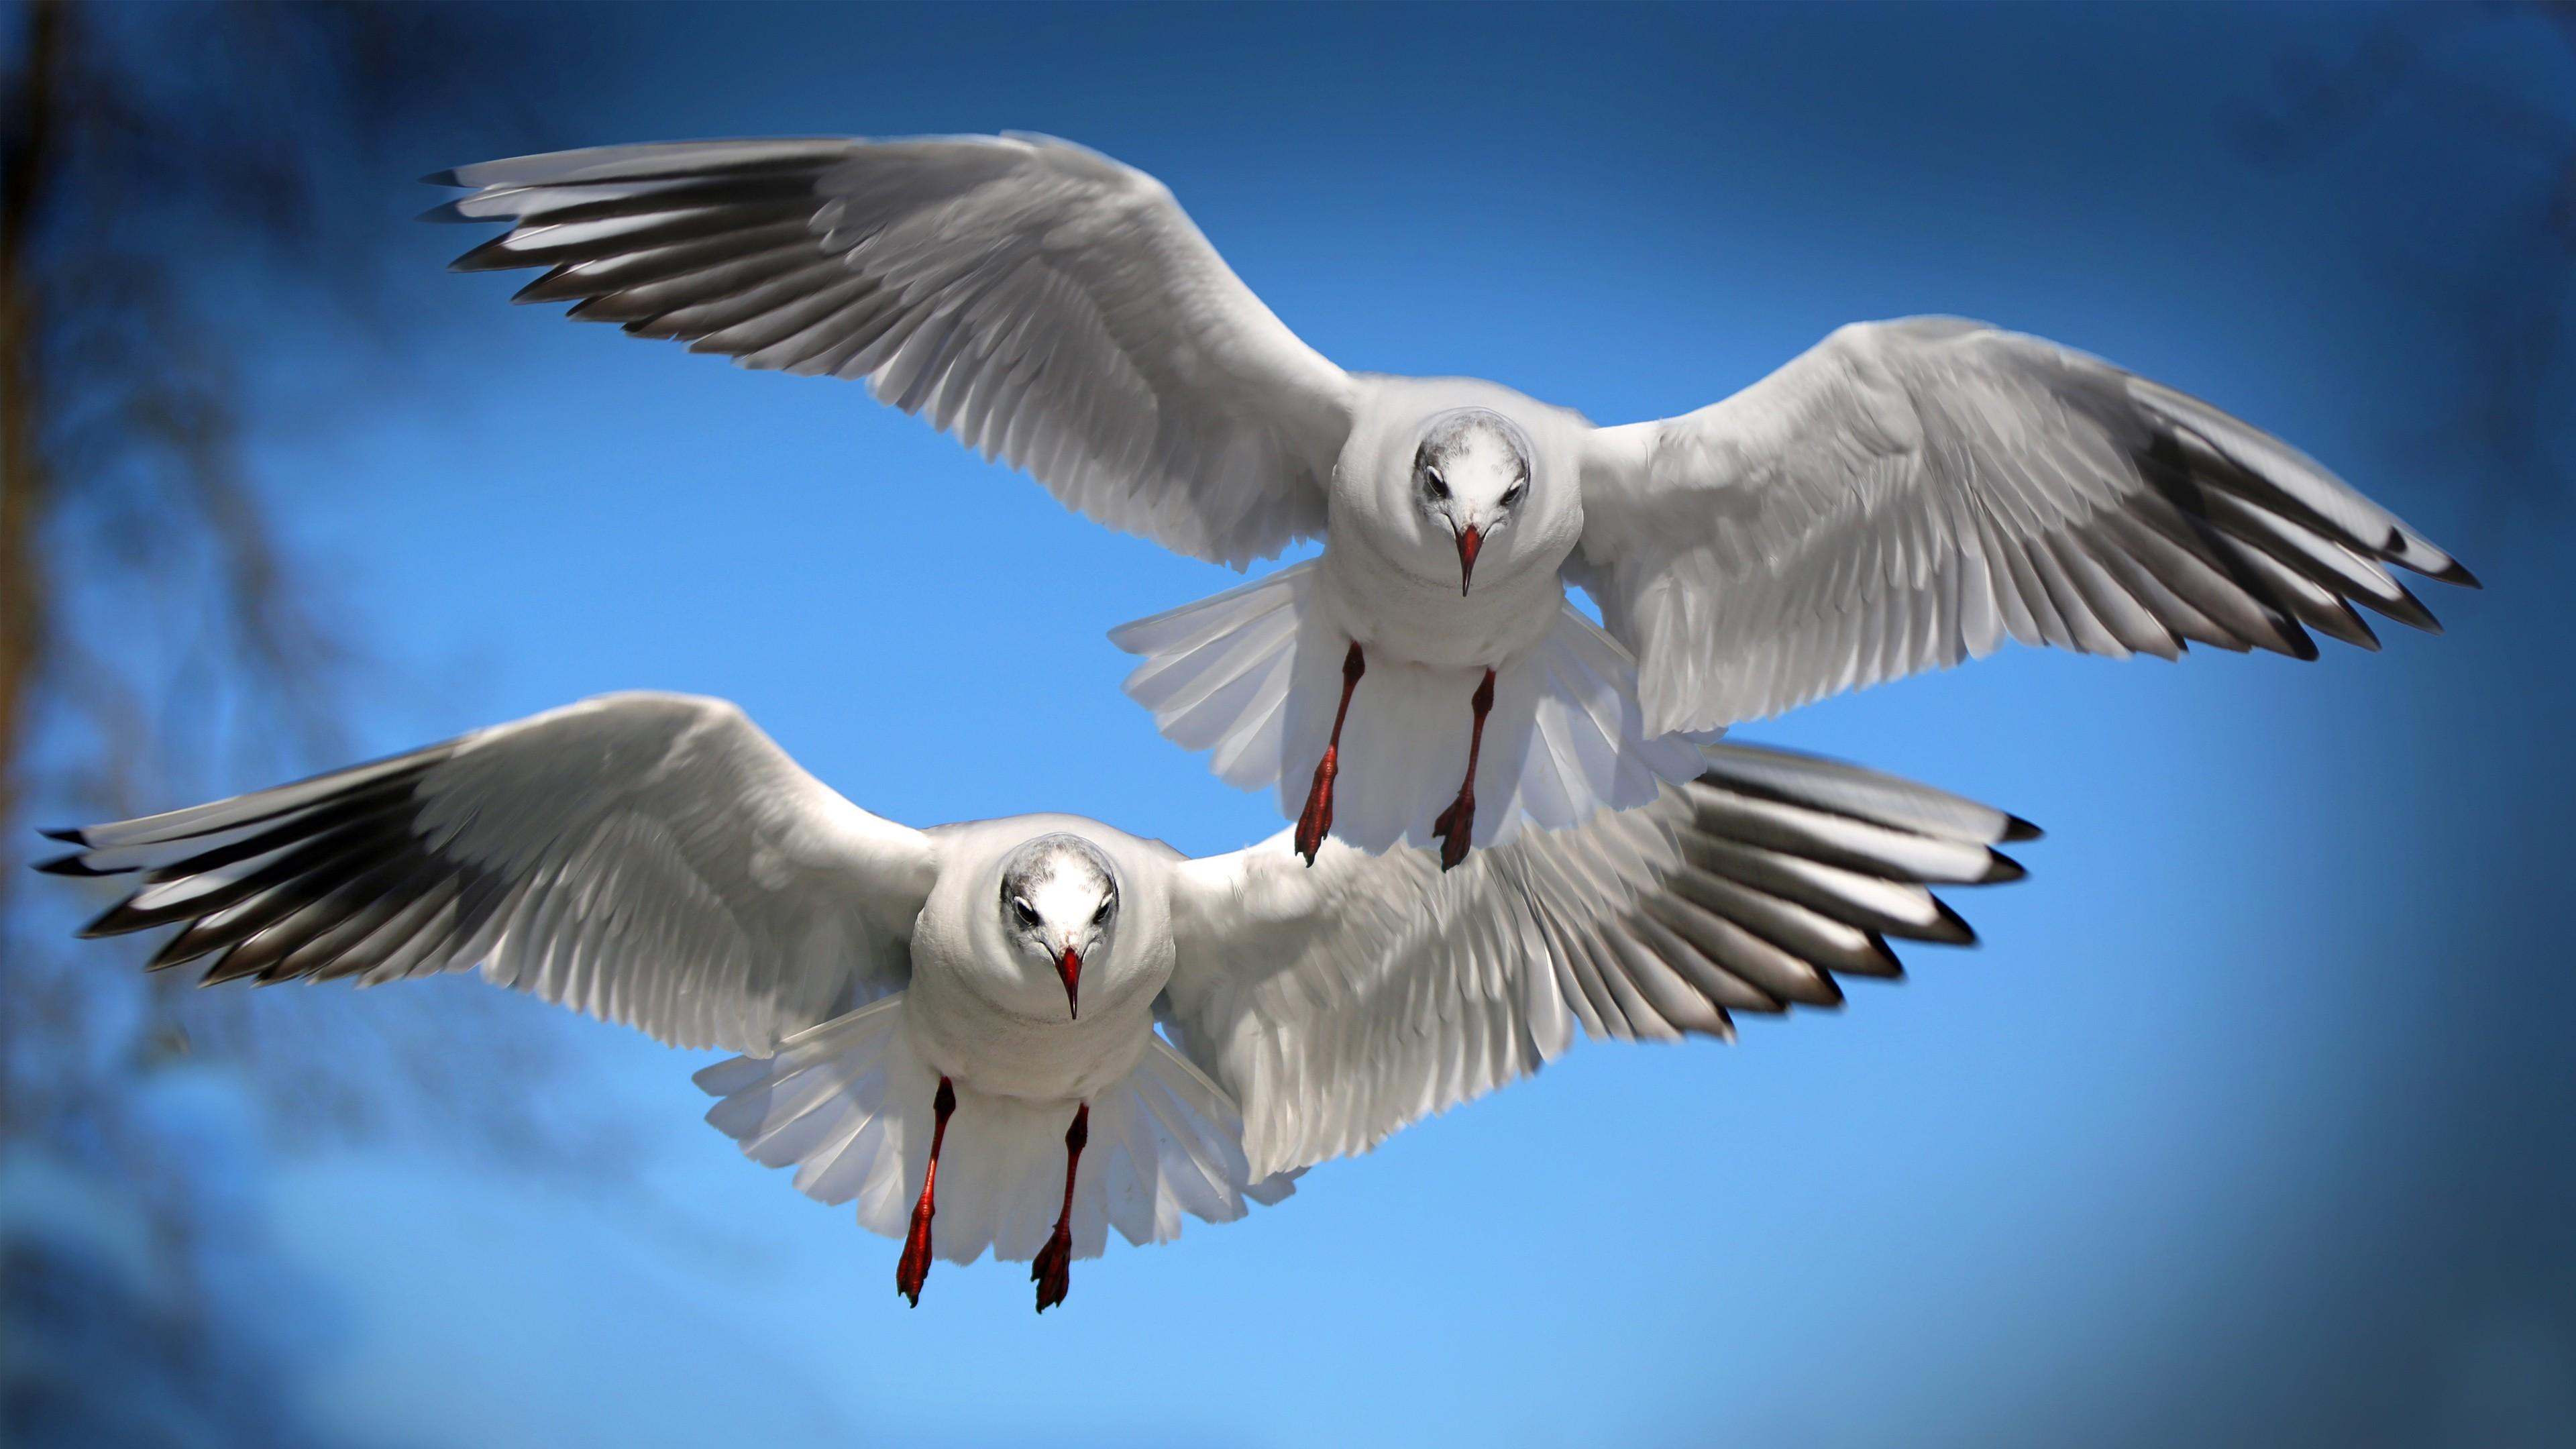 flying seagulls wallpaper 4k background